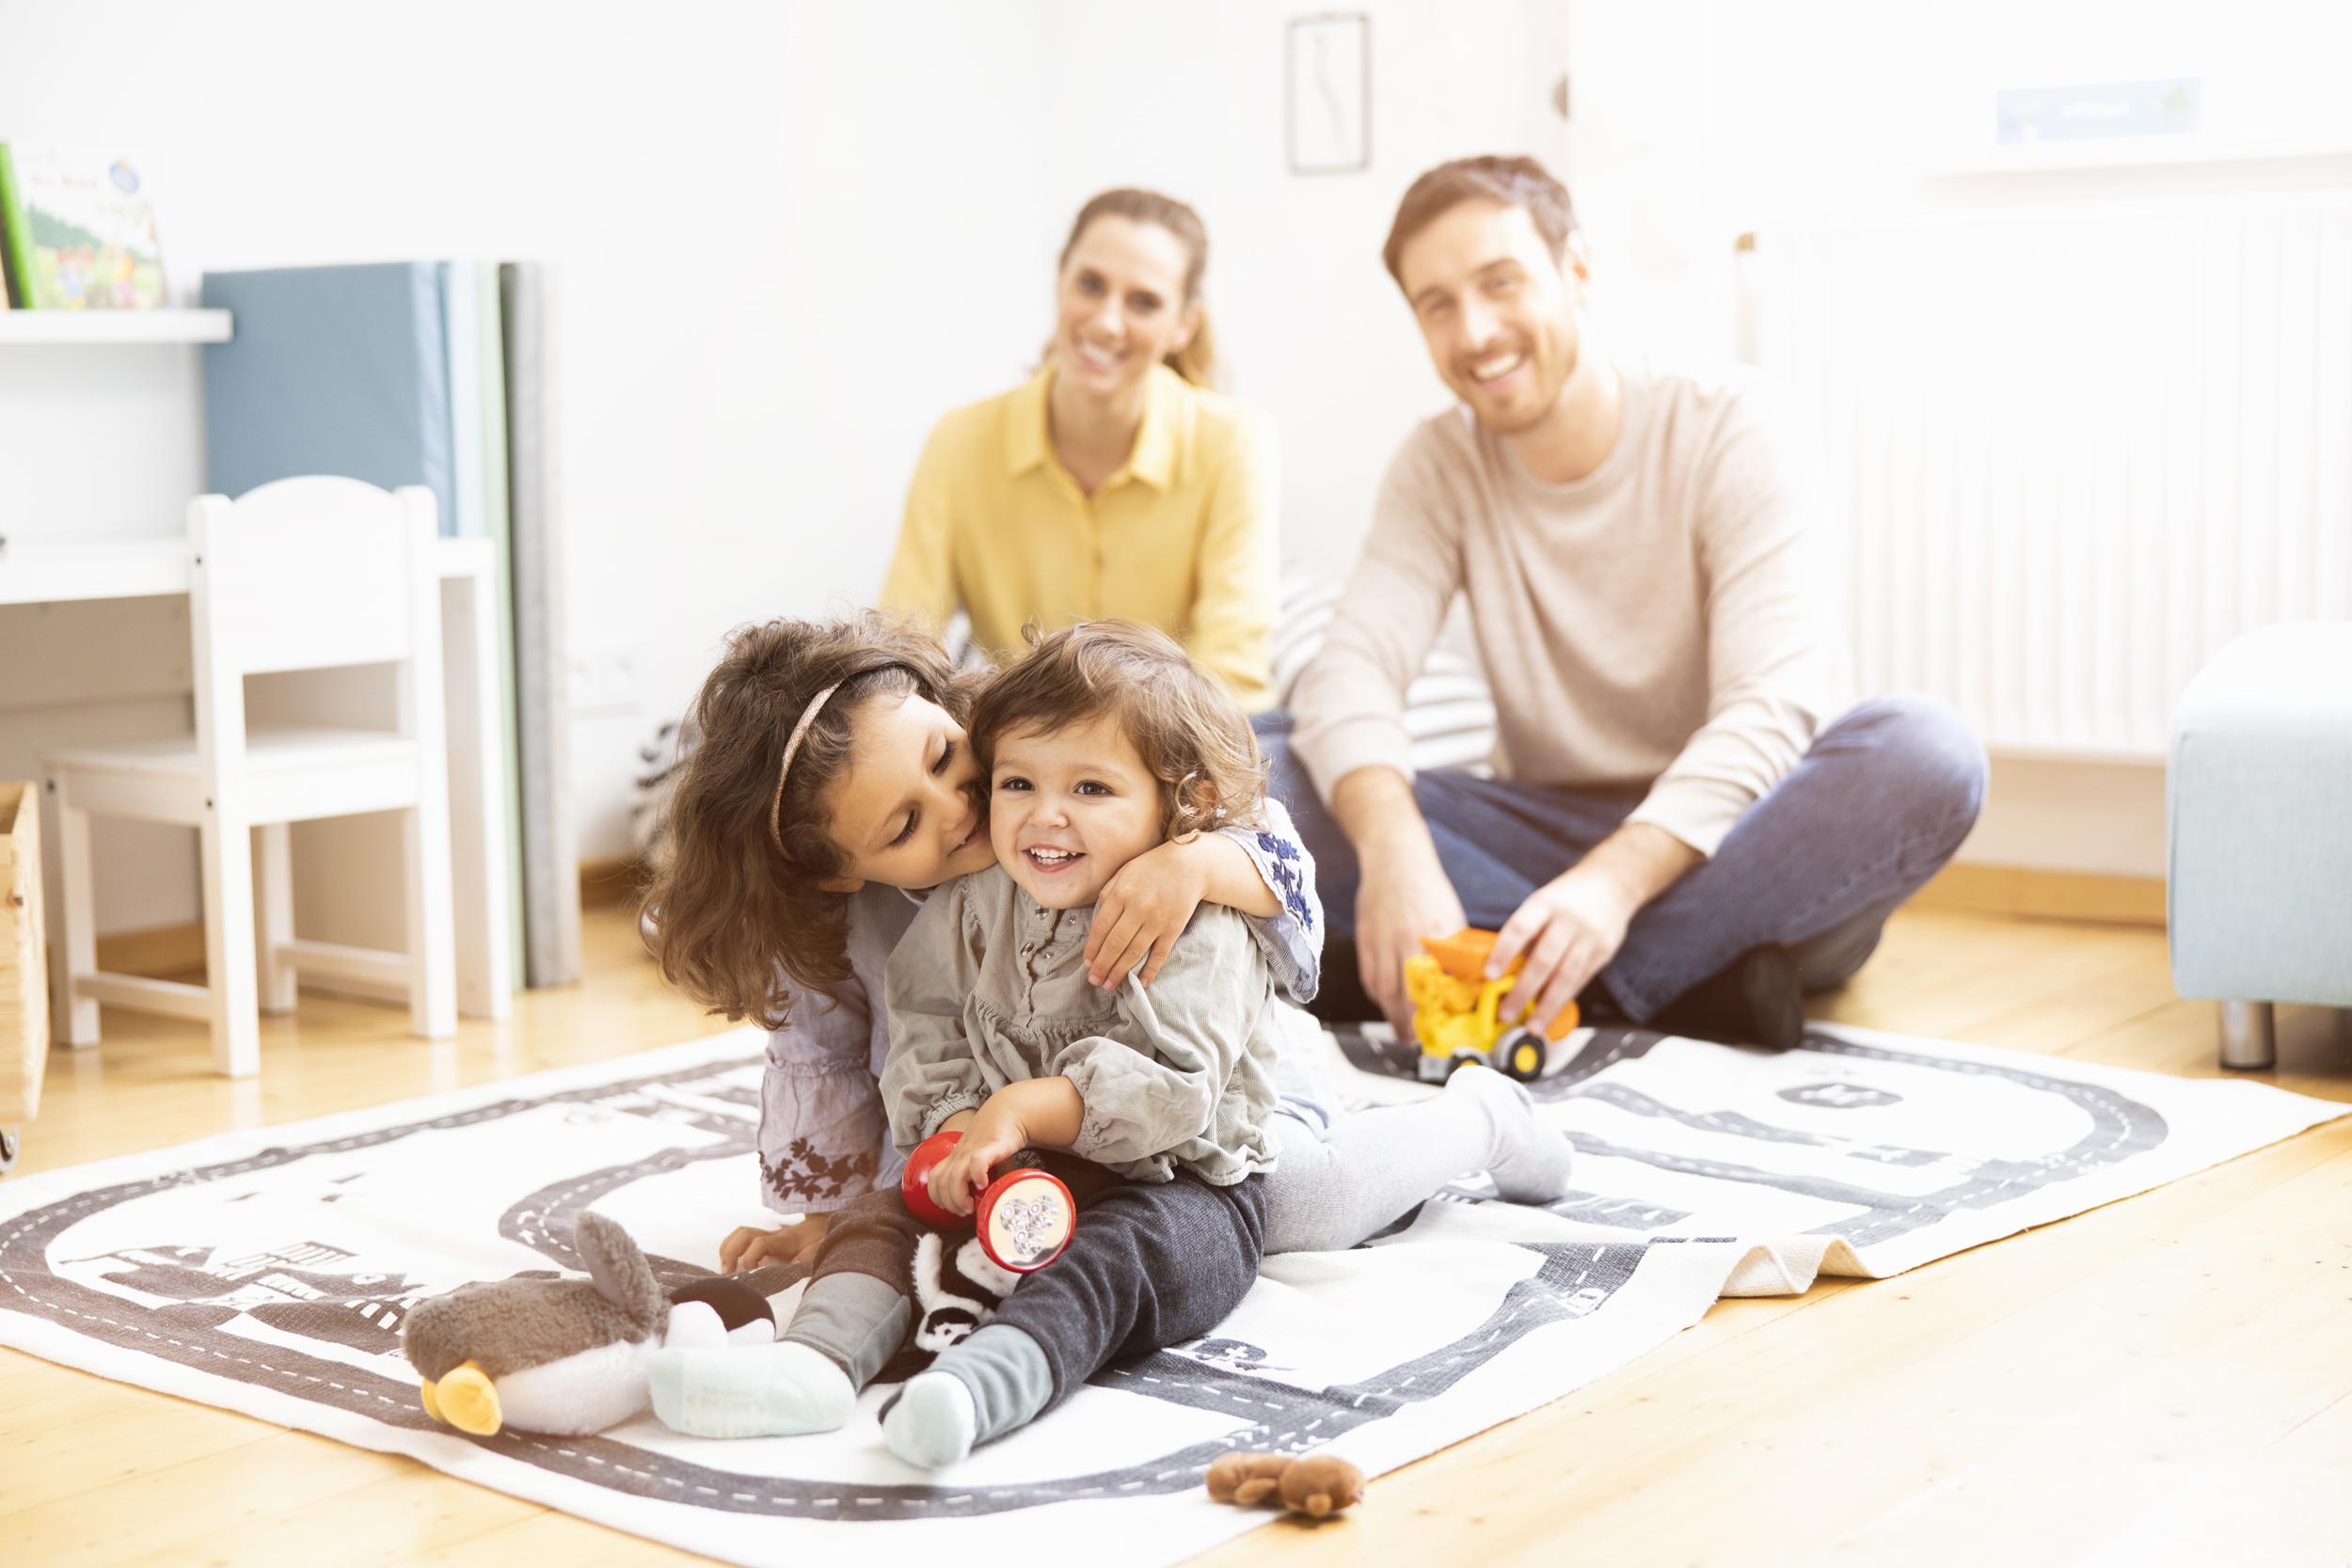 Protección y planificación familiar para una mayor relajación, tiempo y felicidad con la familia